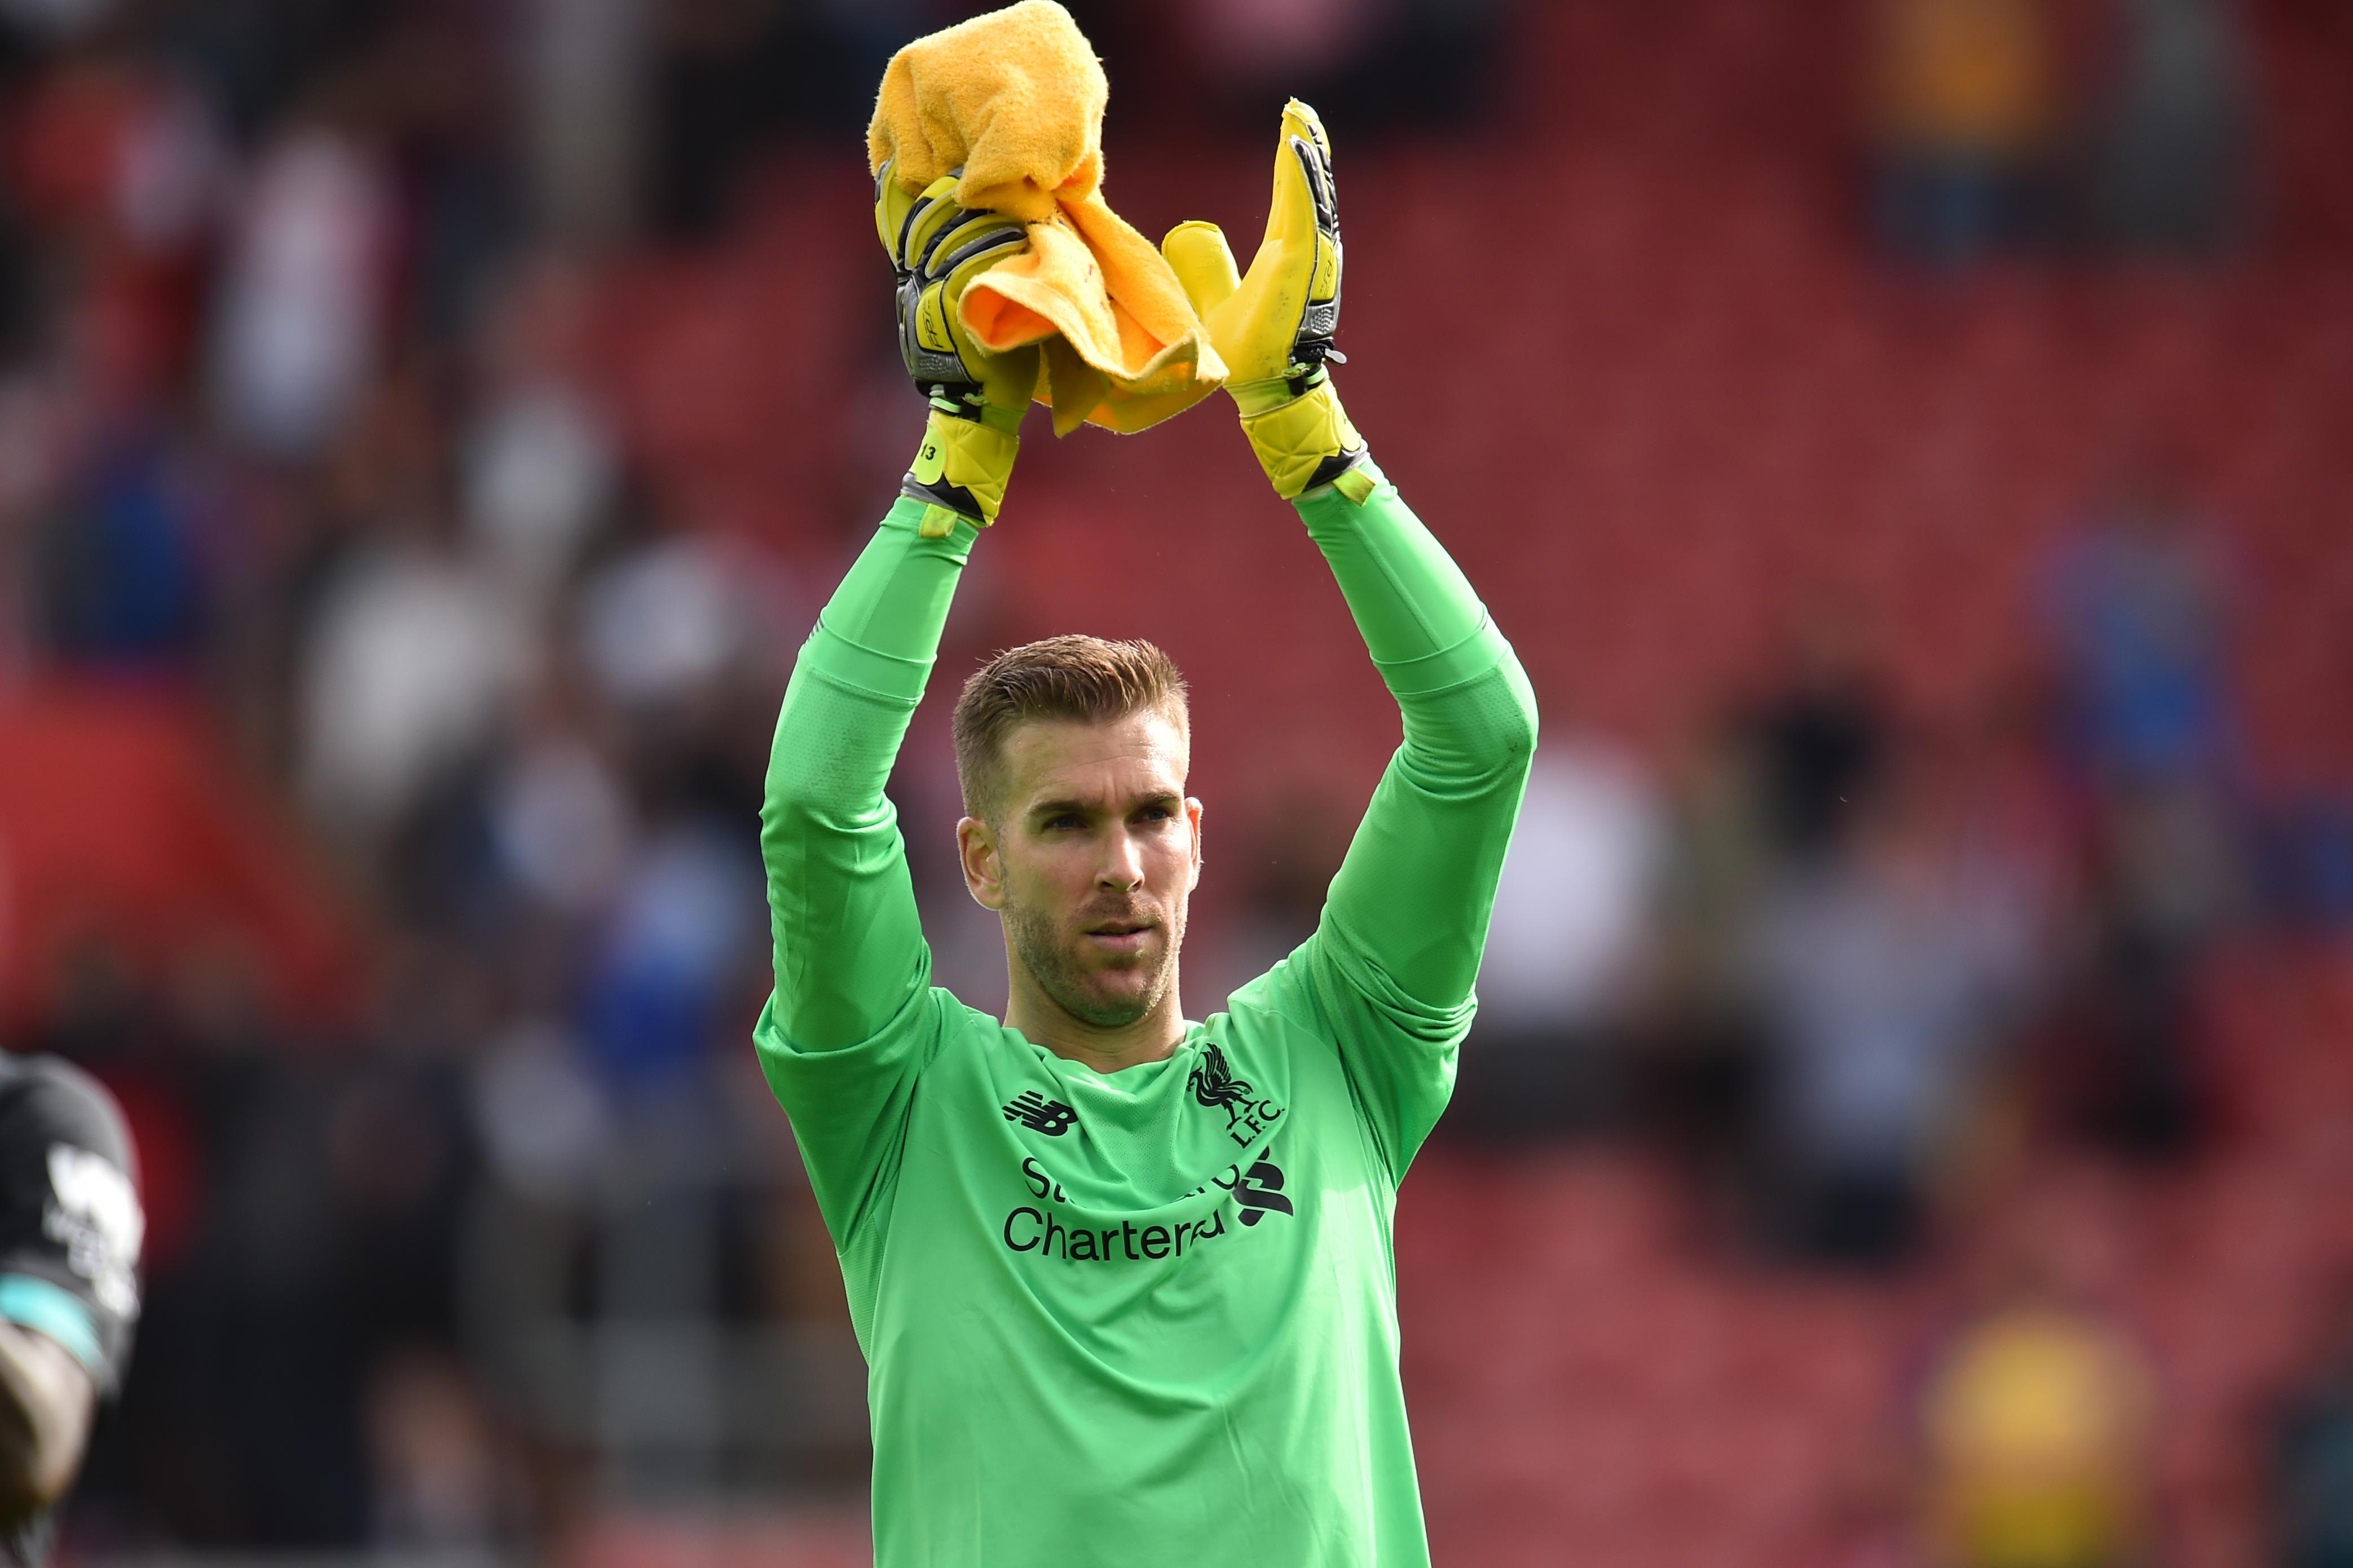 Döbbenetes gólt hozott össze a Liverpool kapusa